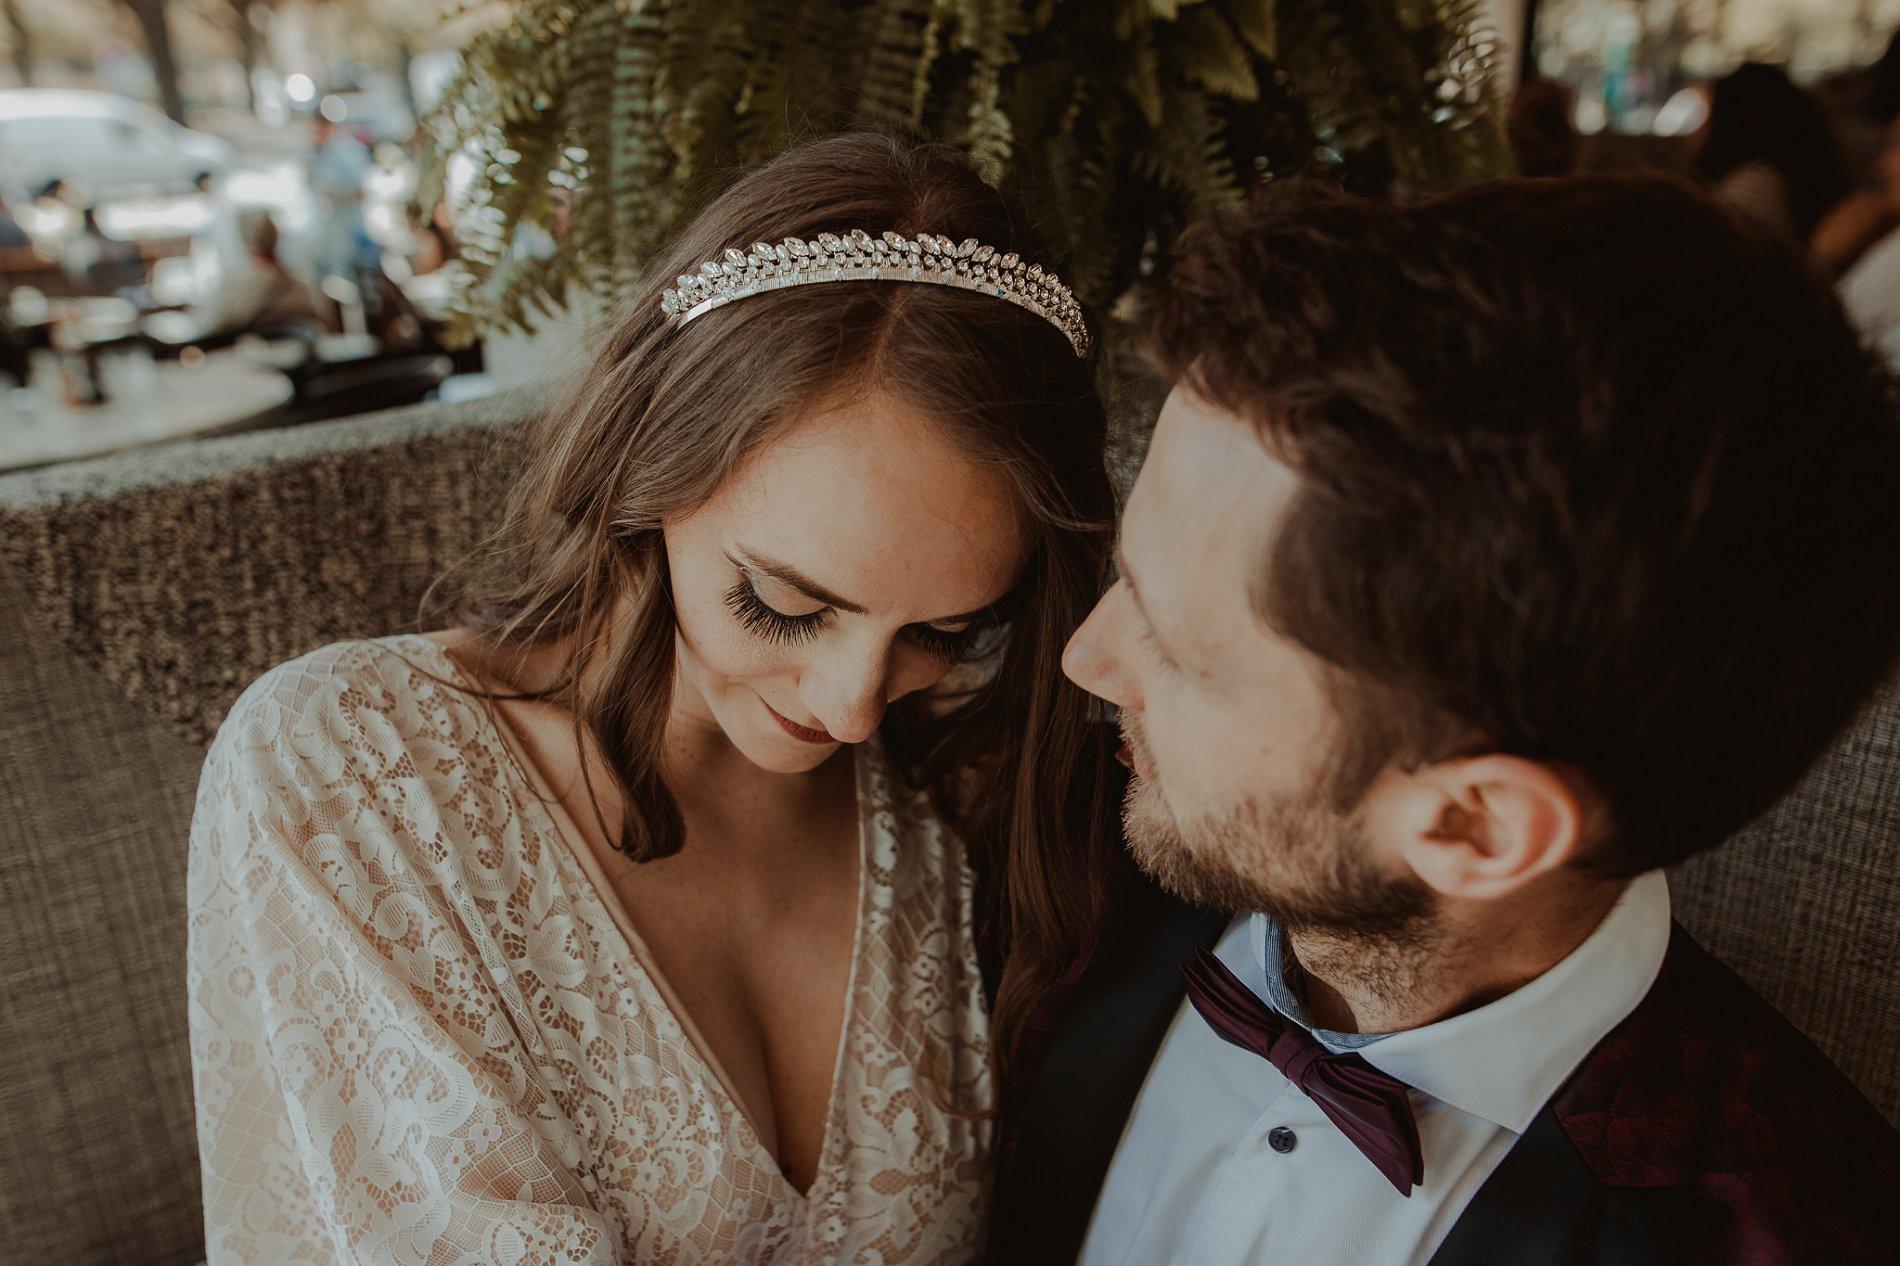 Miss He Bridal Romantic Paris Elopement (c) Xanthe Rowland Photography (16)